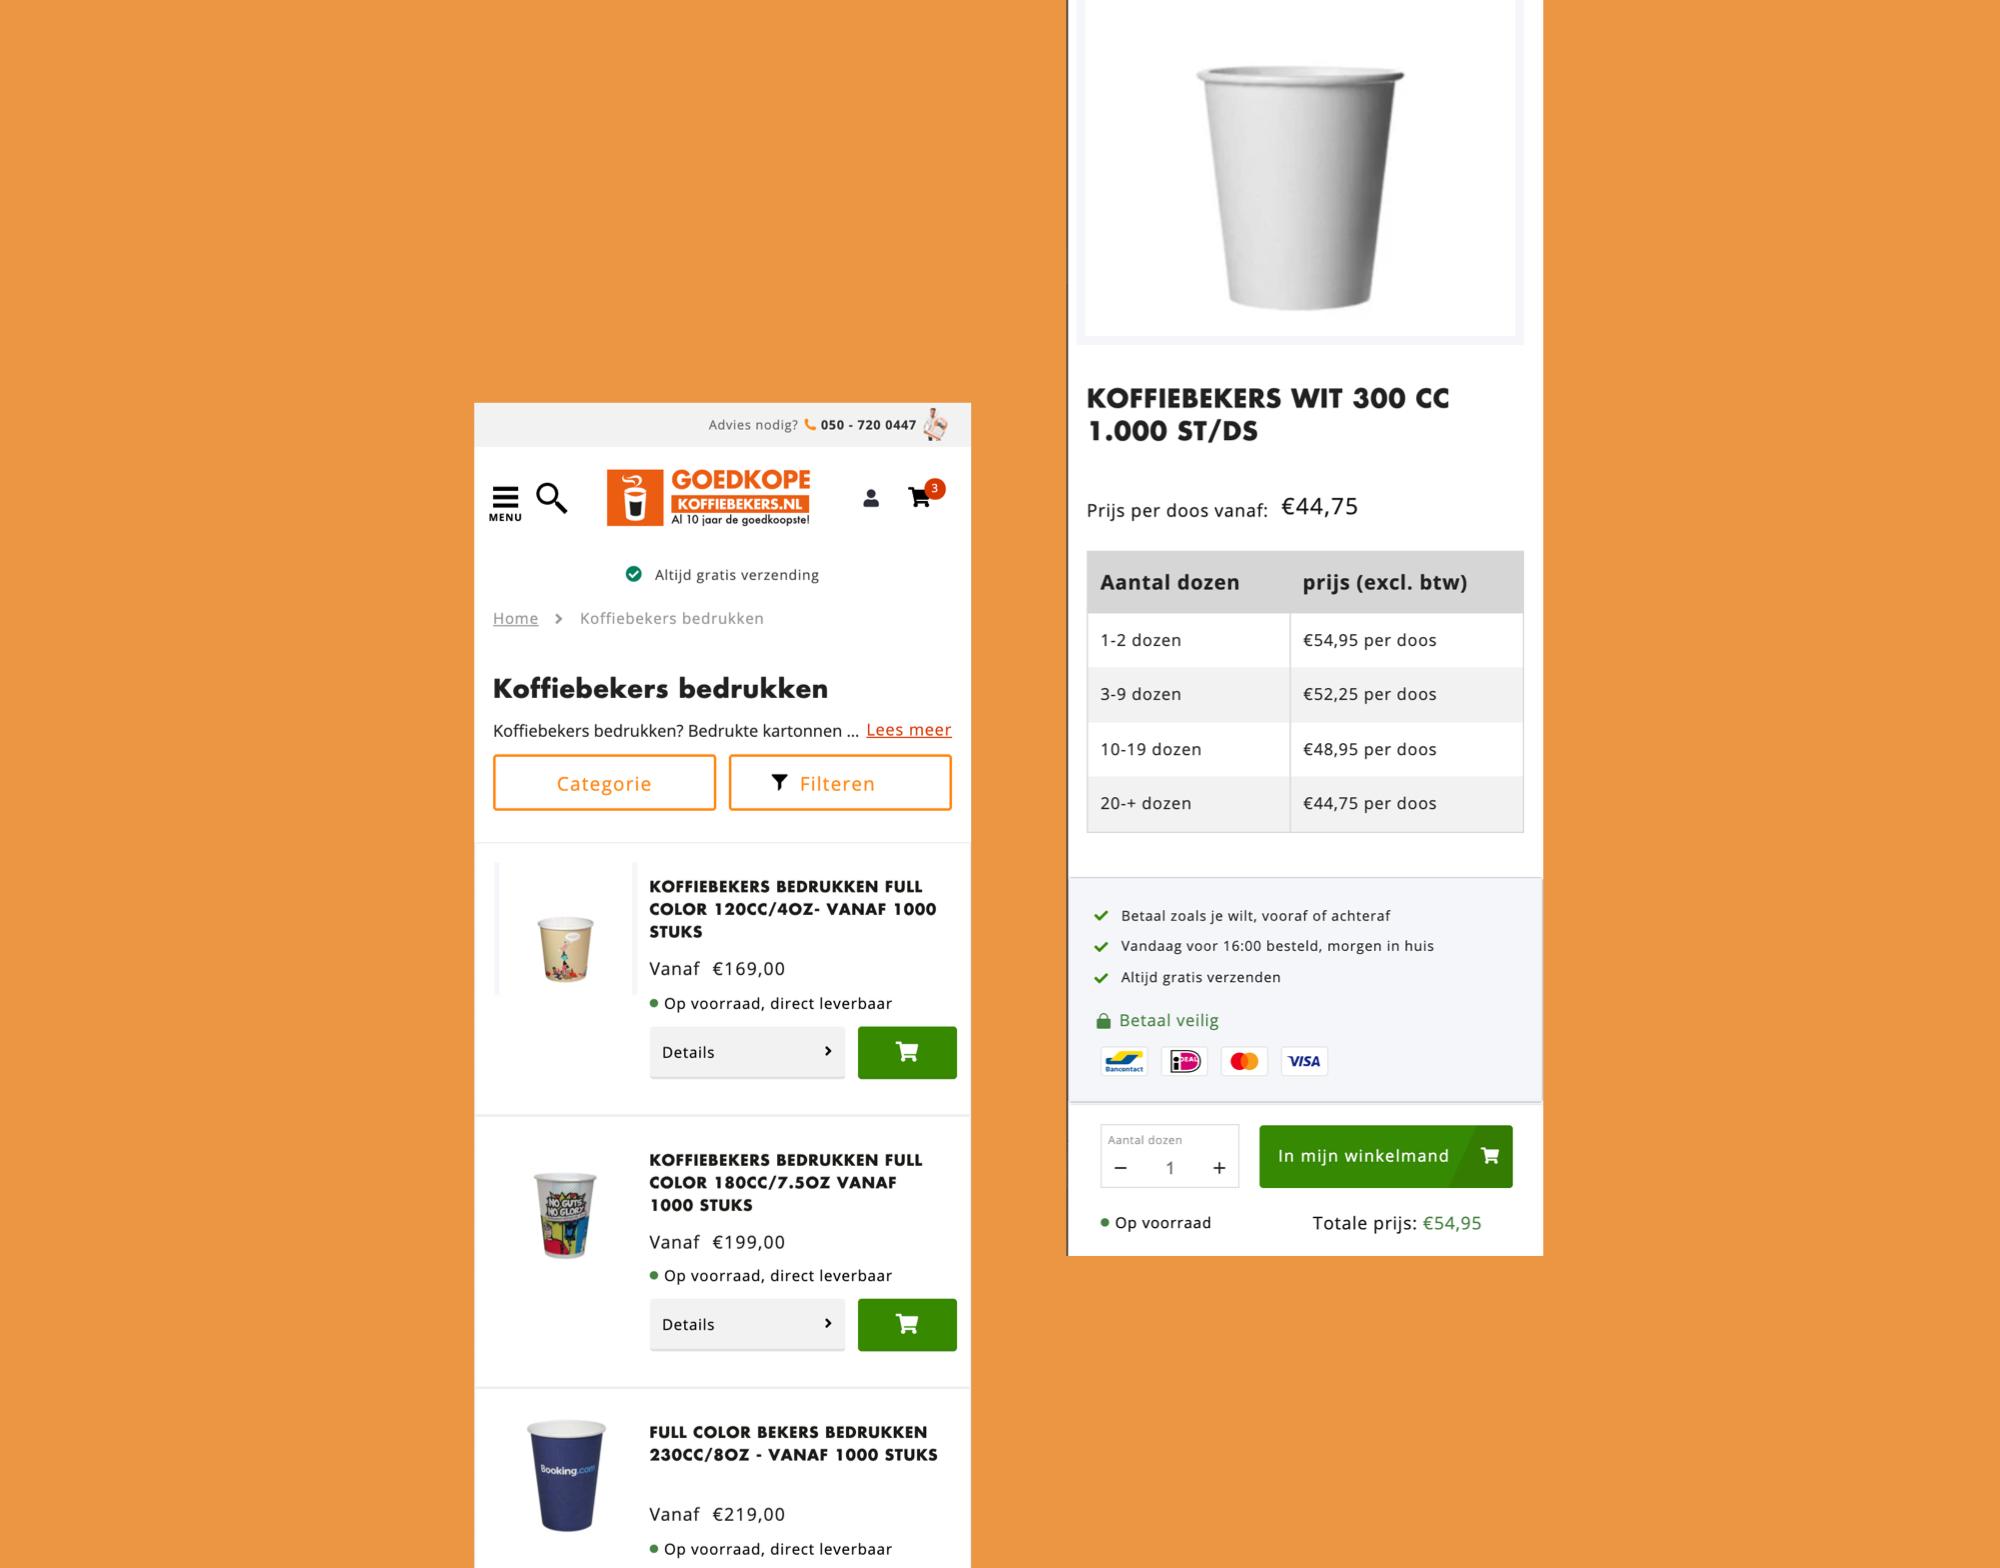 Succesvolle migratie van Magento 1 naar Shopify voor Goedkope koffiebekers